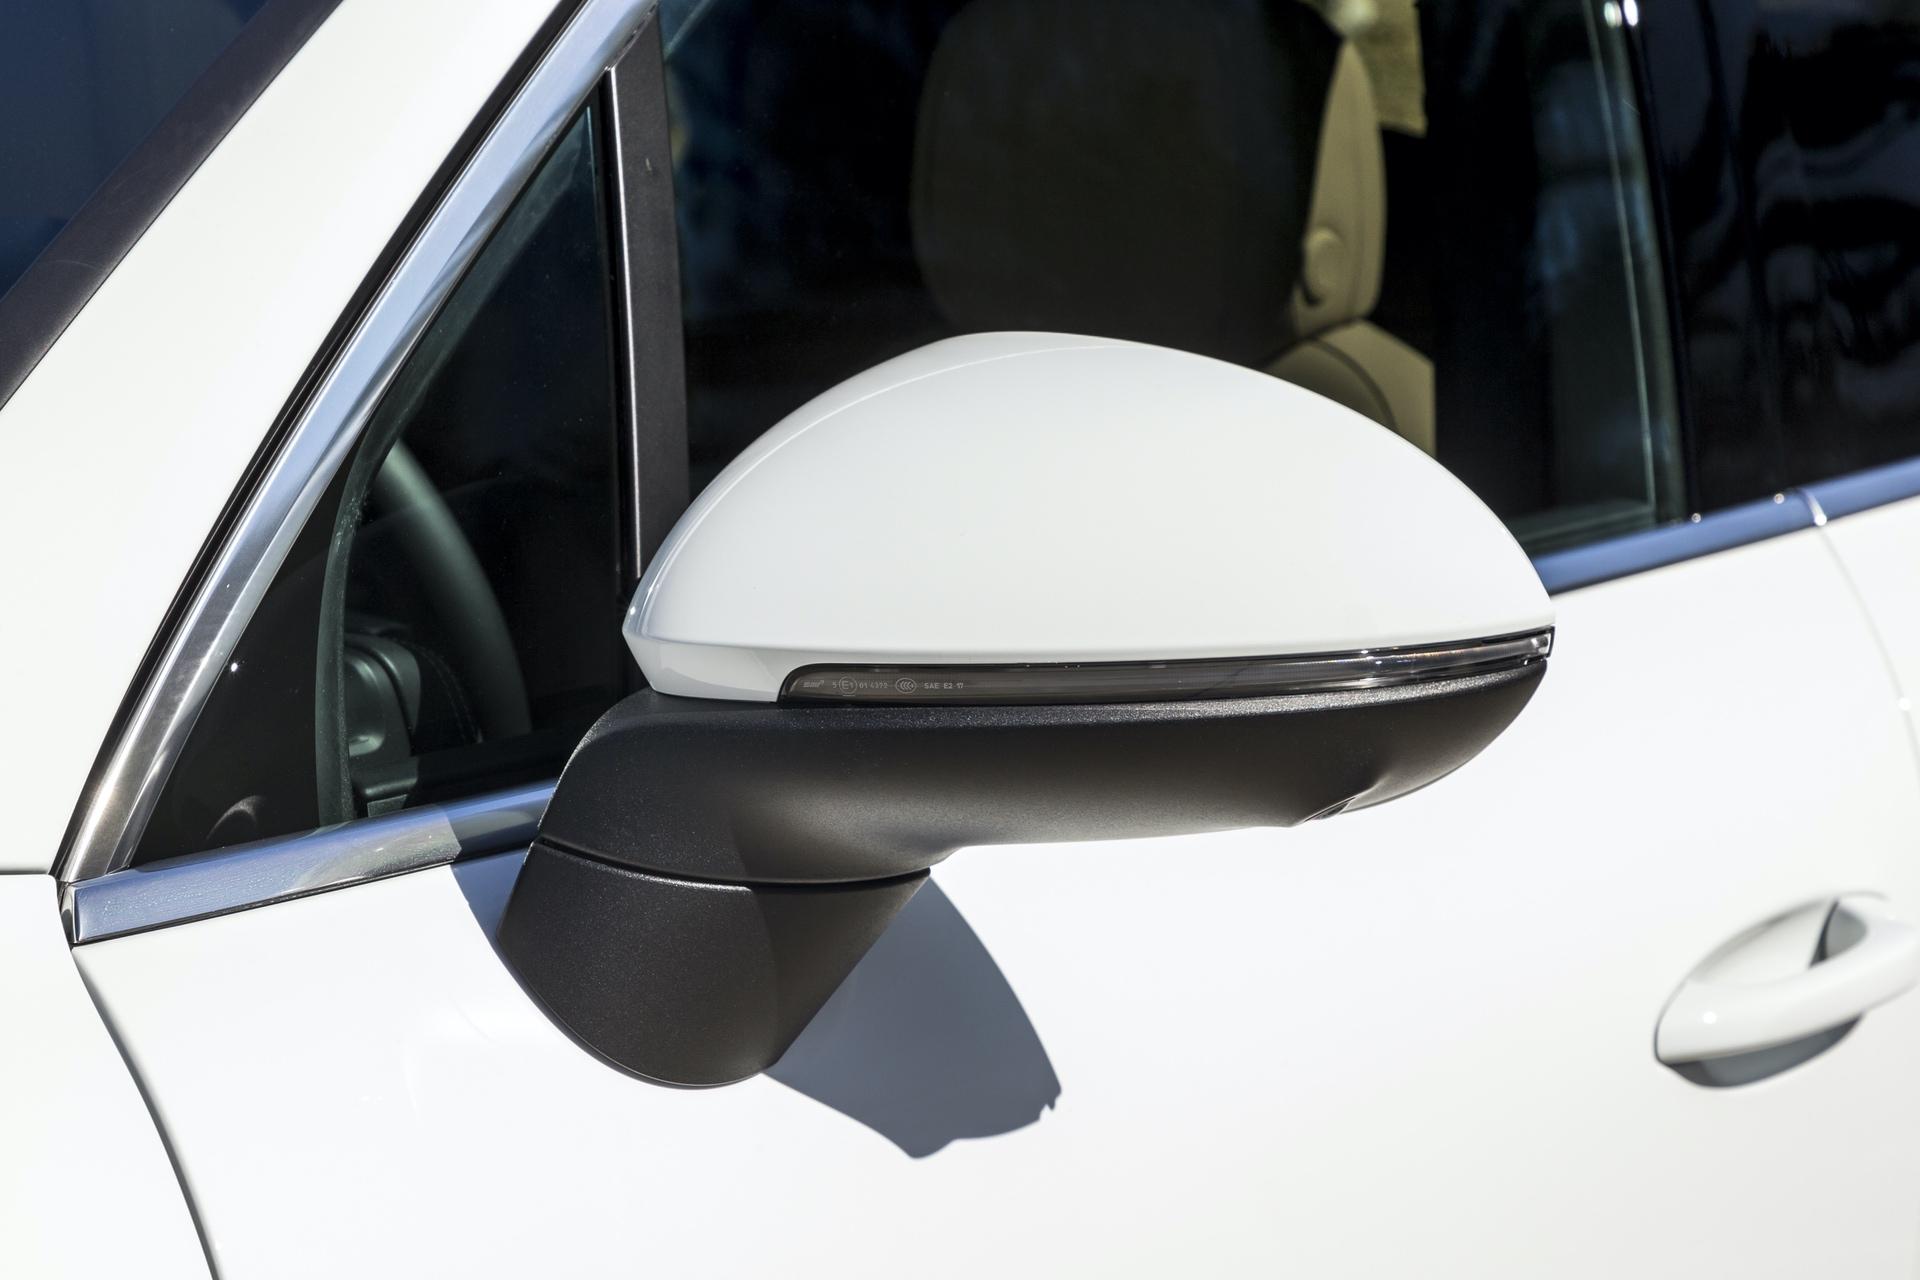 Test_Drive_Porsche_Cayenne_331